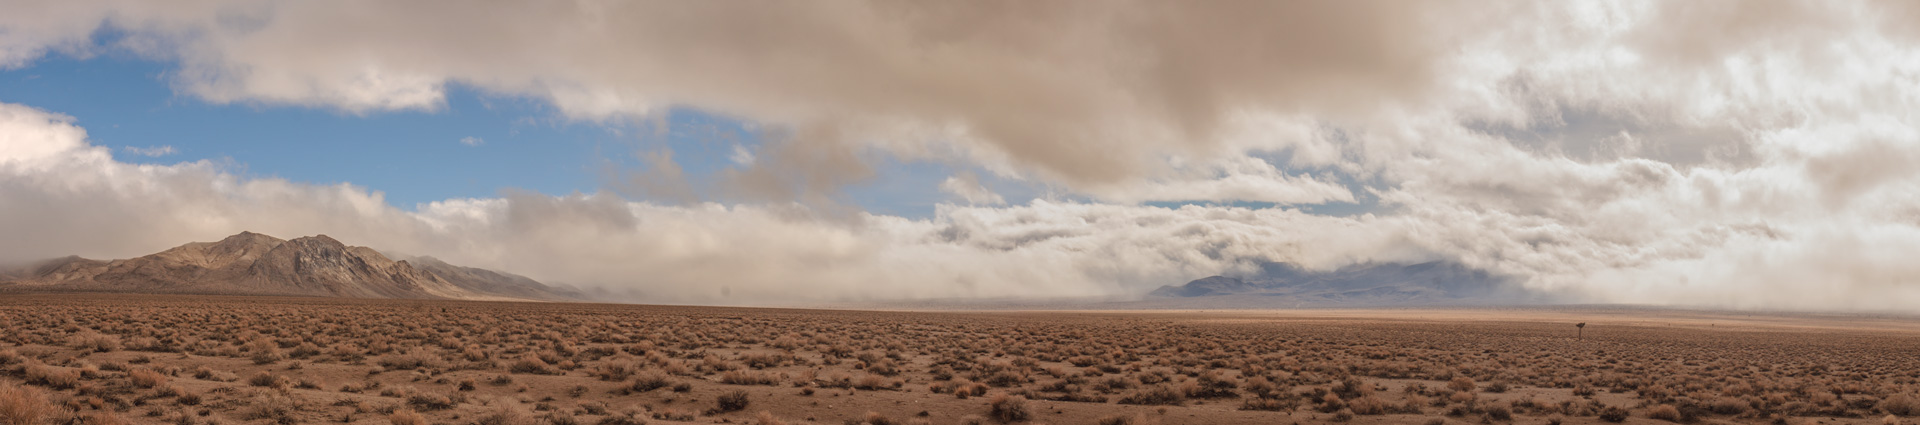 Death_Valley_1.jpg